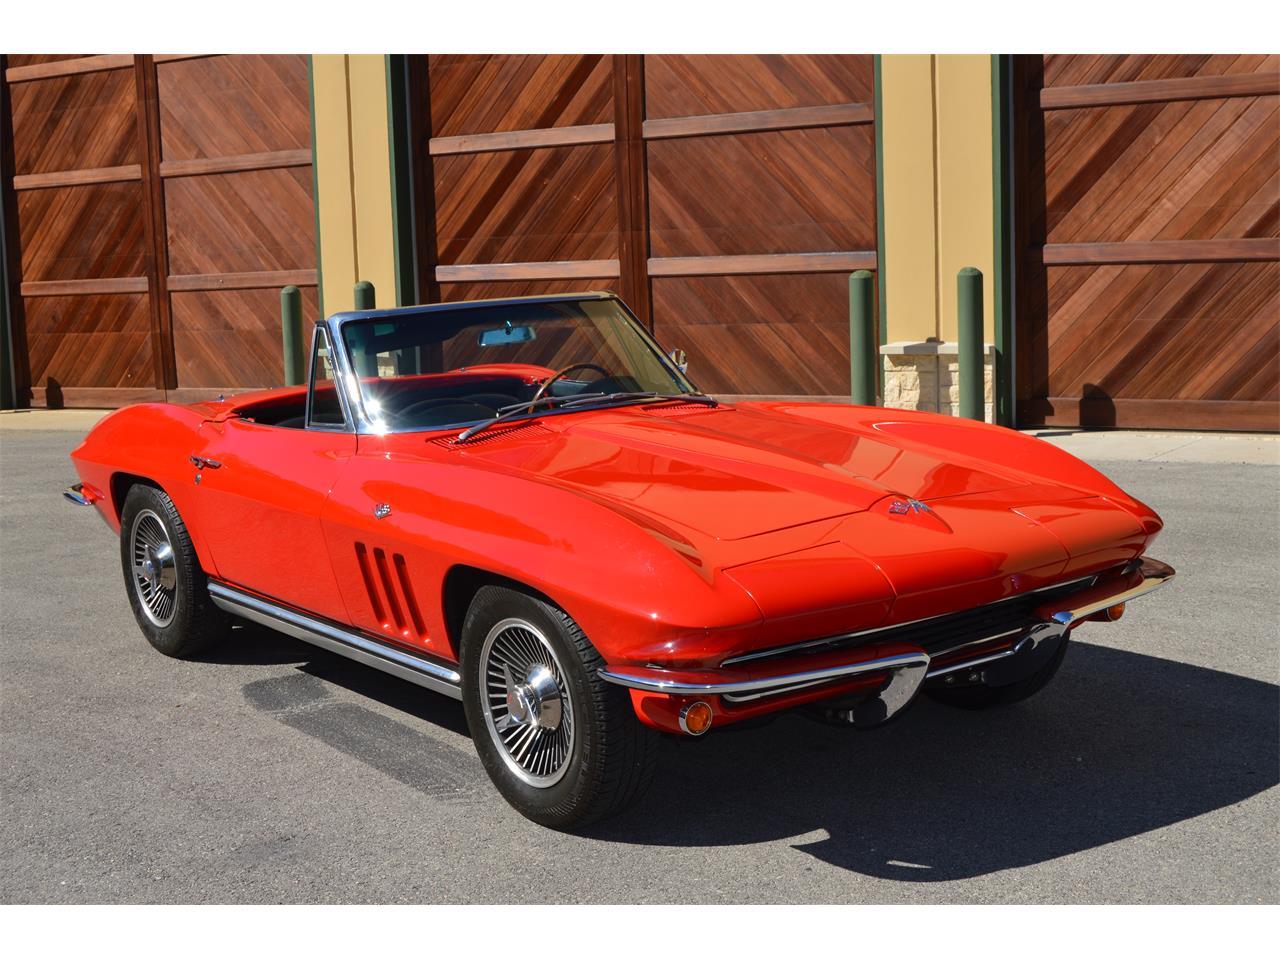 Kelebihan Corvette 65 Spesifikasi